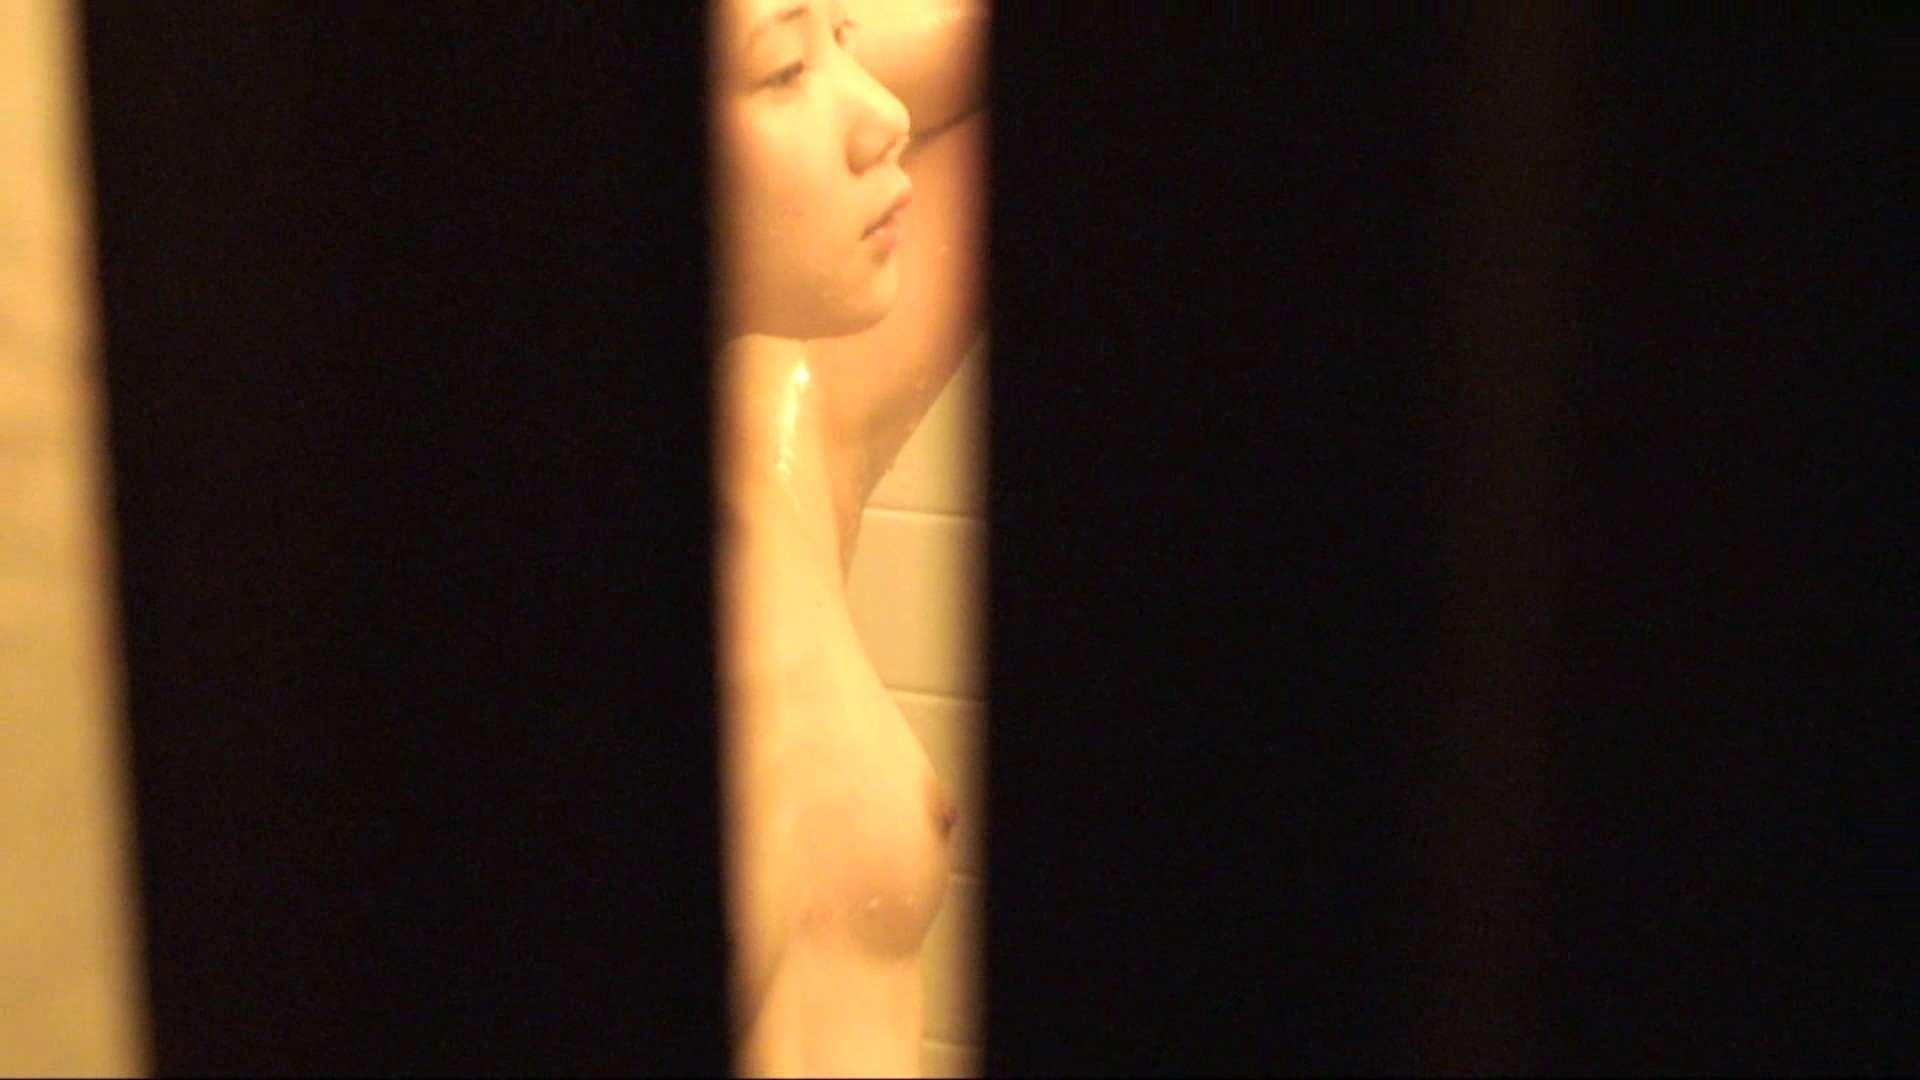 vol.02超可愛すぎる彼女の裸体をハイビジョンで!至近距離での眺め最高! 丸見え すけべAV動画紹介 75枚 58